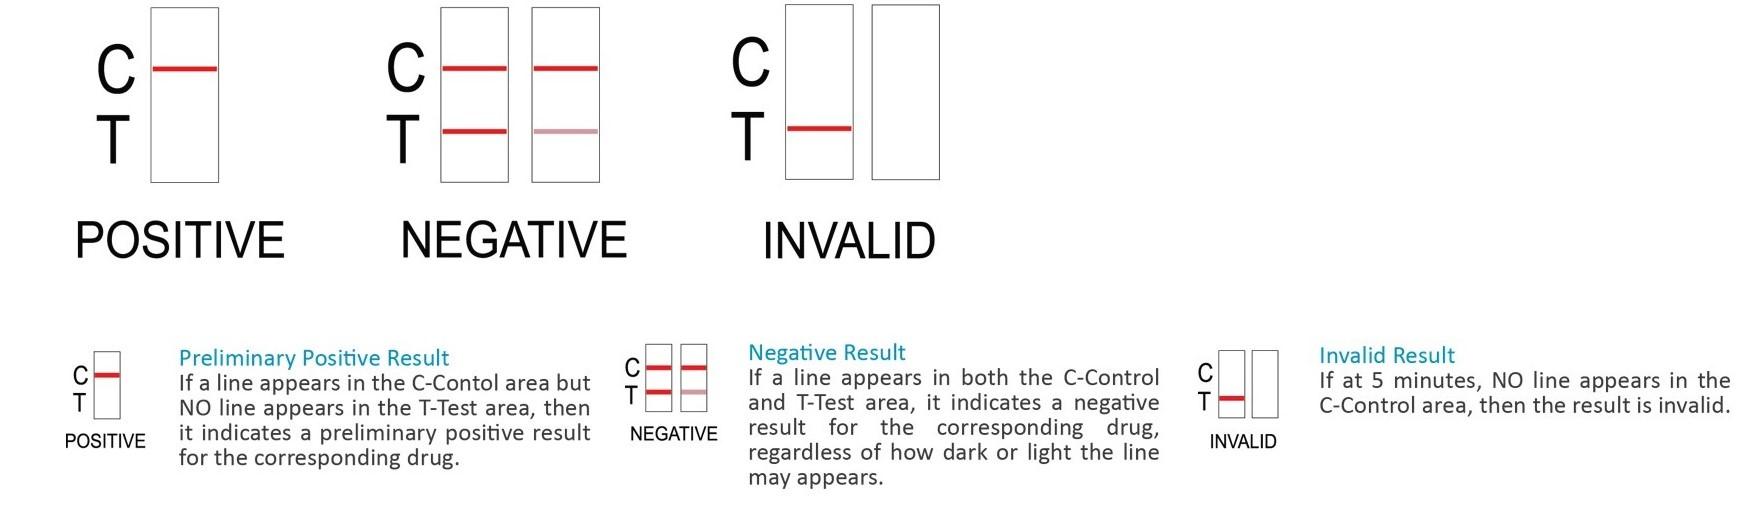 Test result interpretation